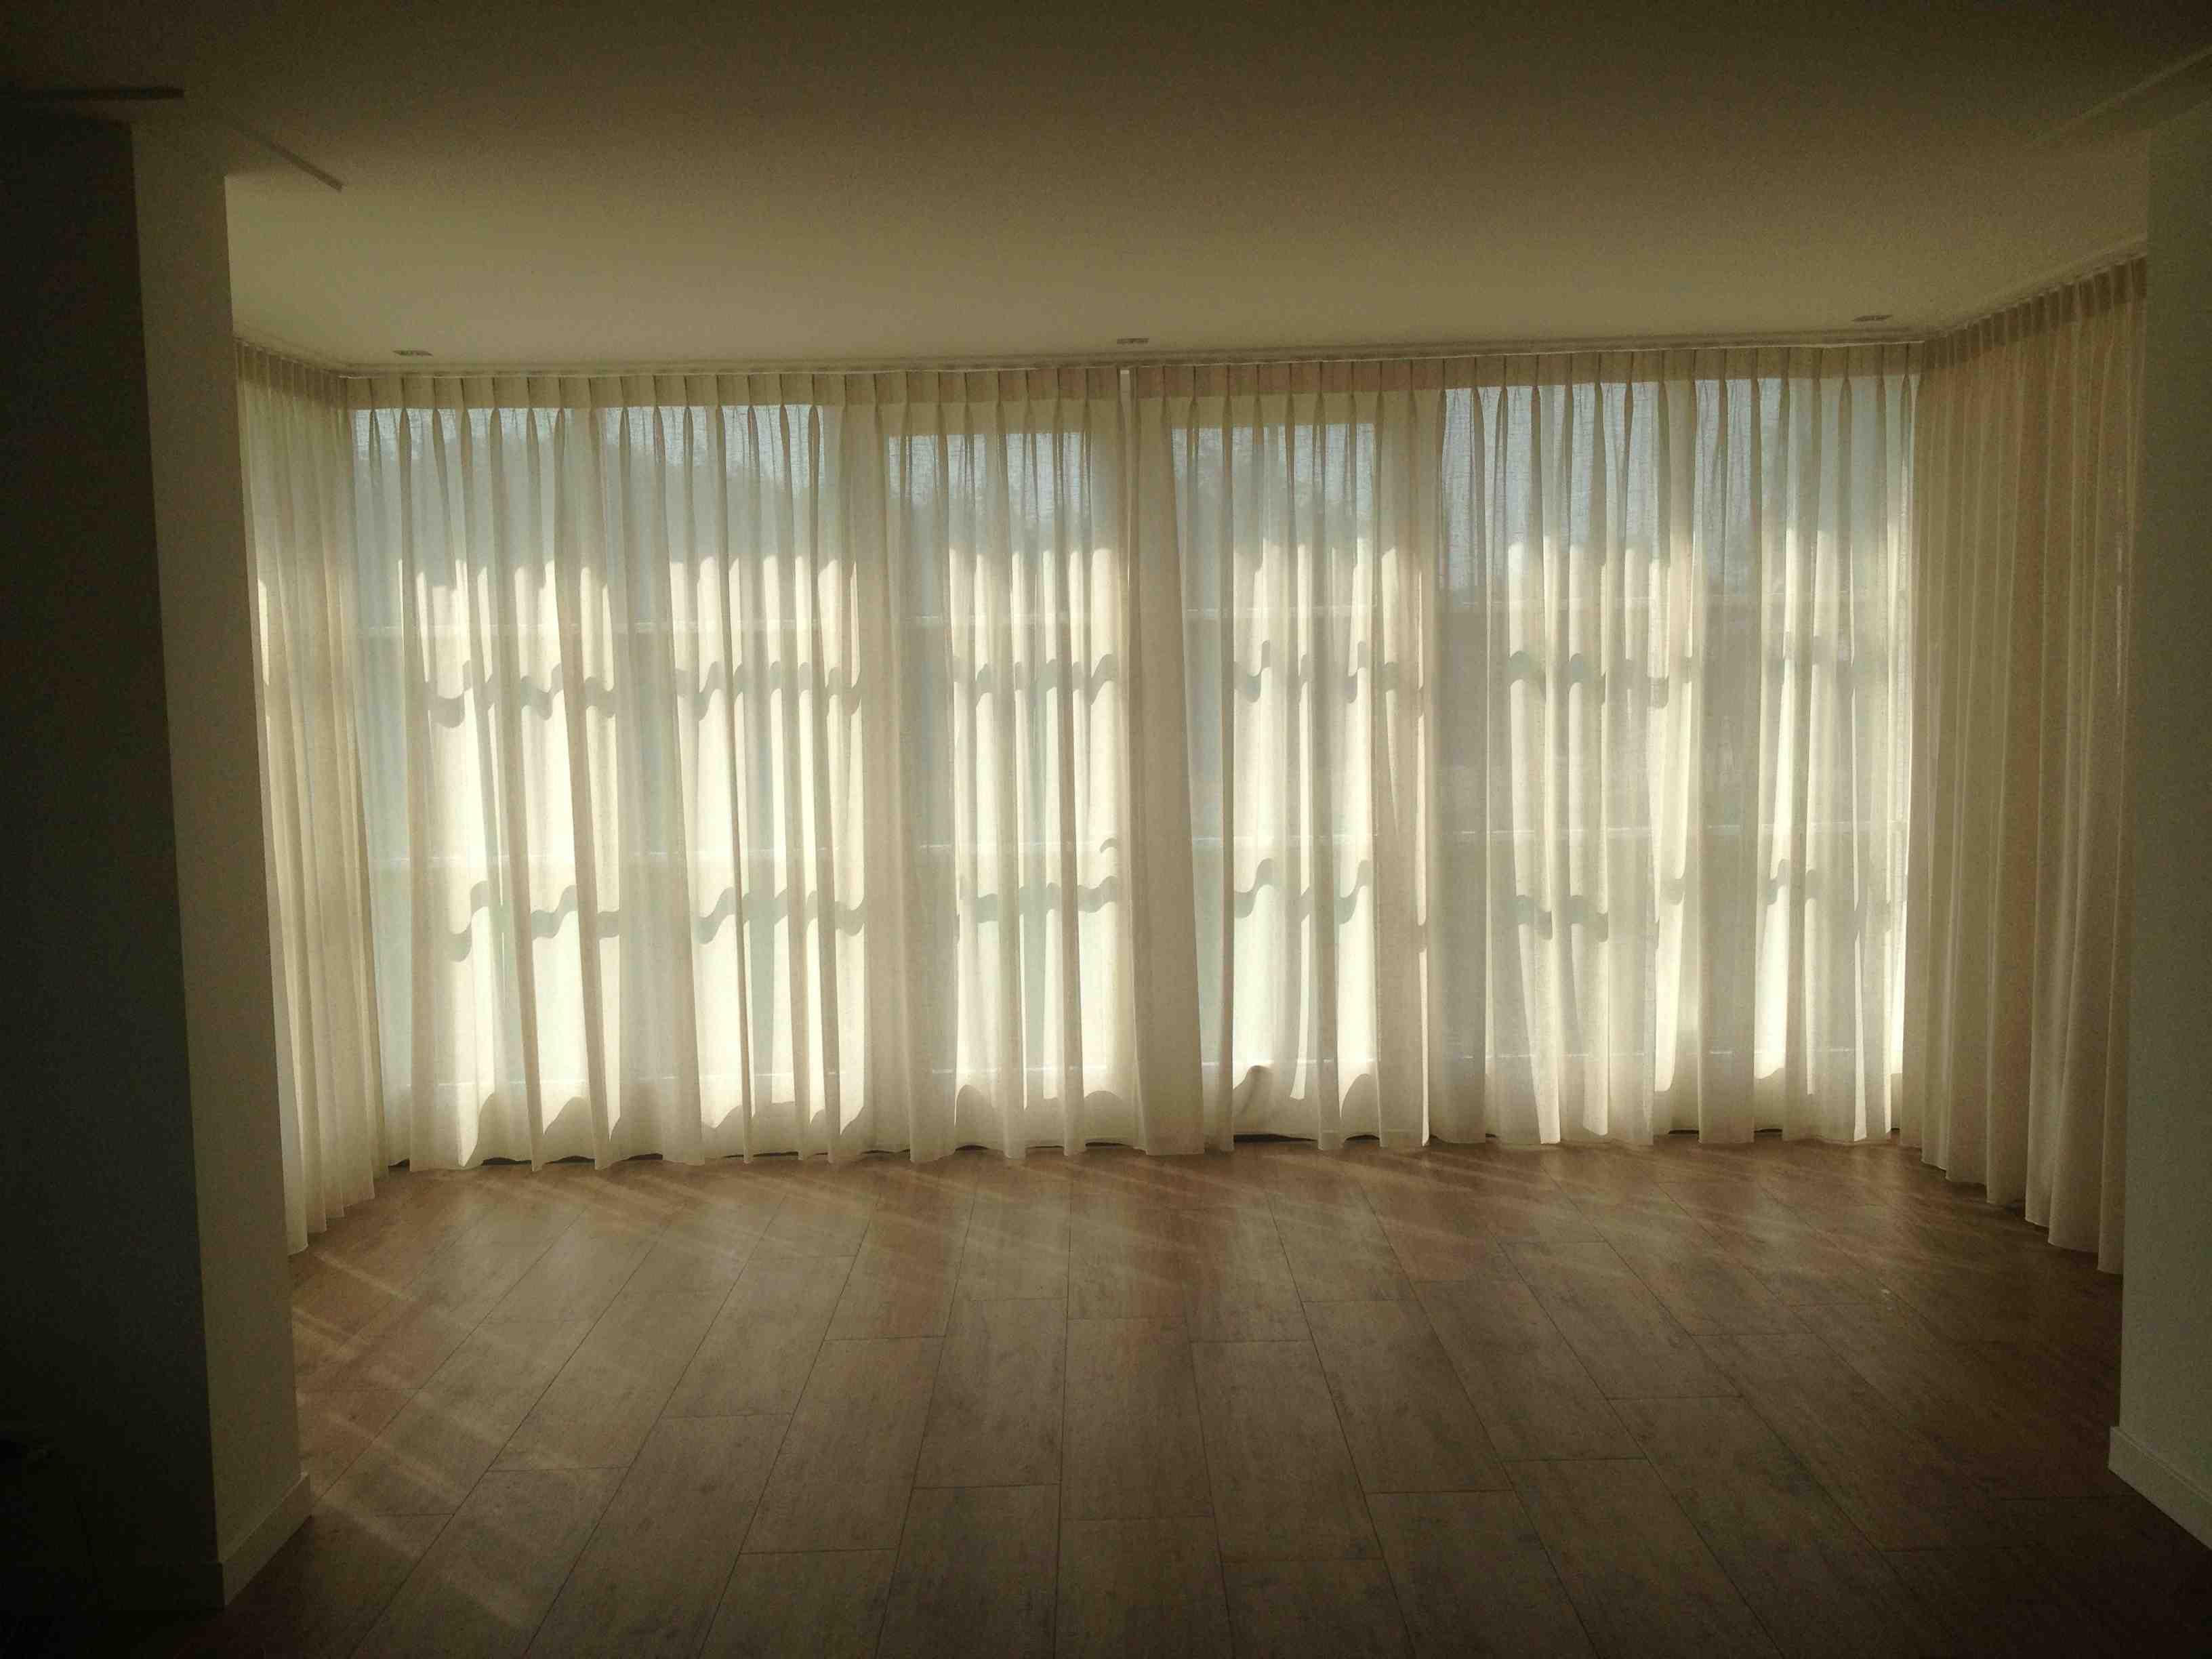 vitrages ikea woonkamer raamdecoratie vitrage